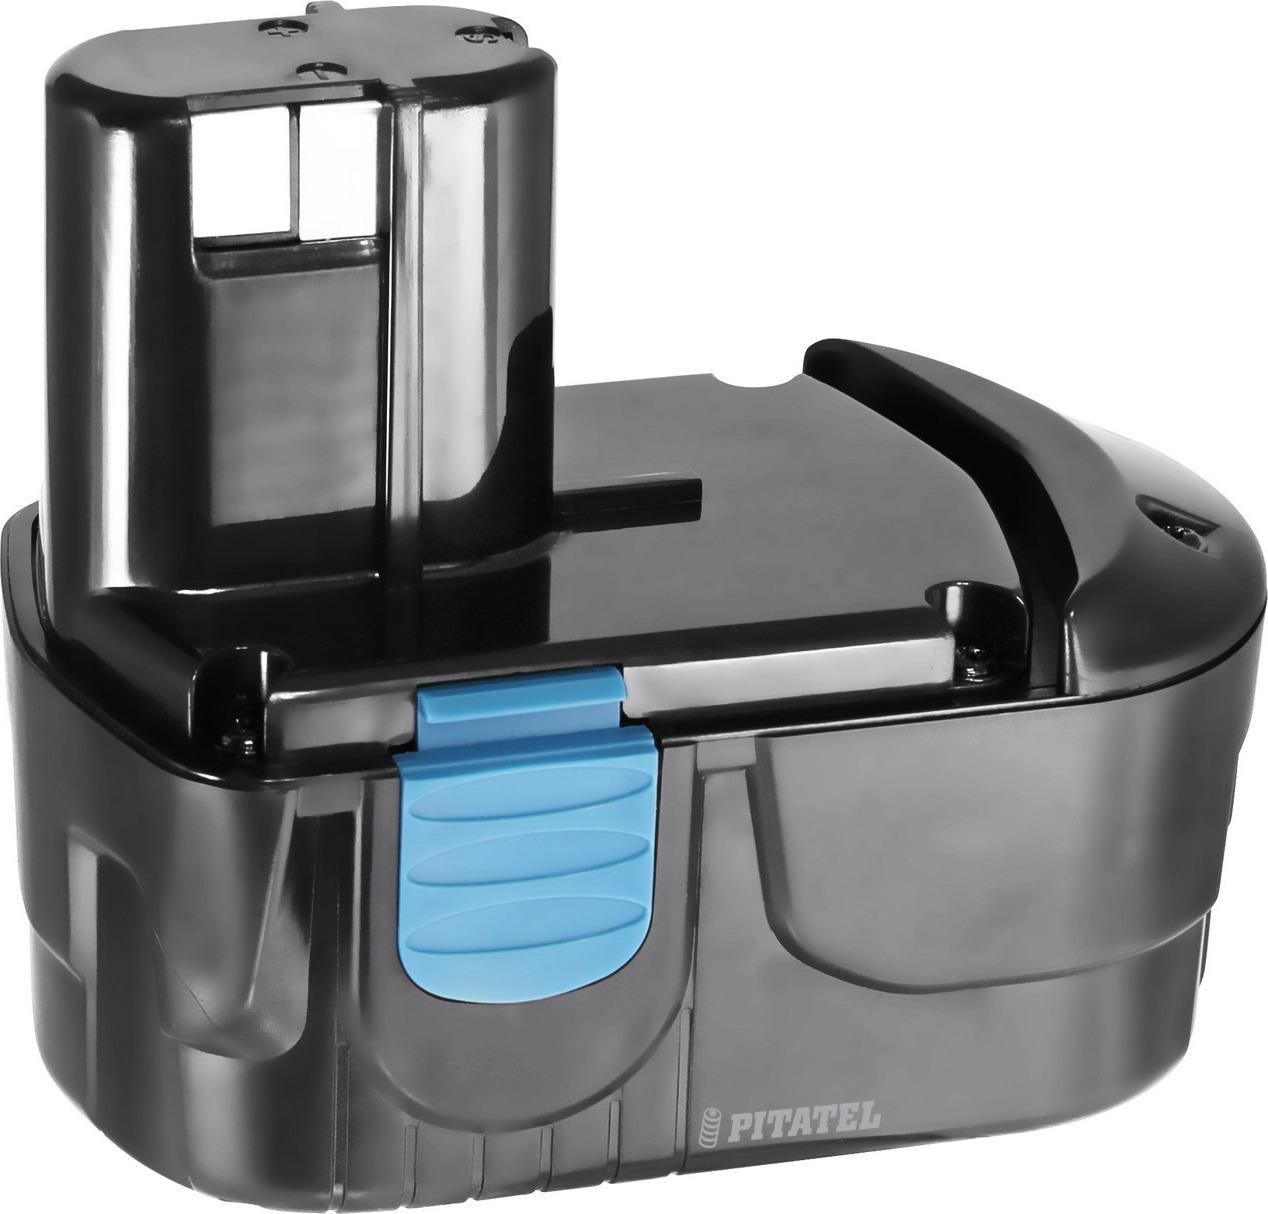 Аккумулятор для инструмента Pitatel для HITACHI. TSB-024-HIT18B-30M аккумулятор для инструмента pitatel для hitachi tsb 062 hit72 30m